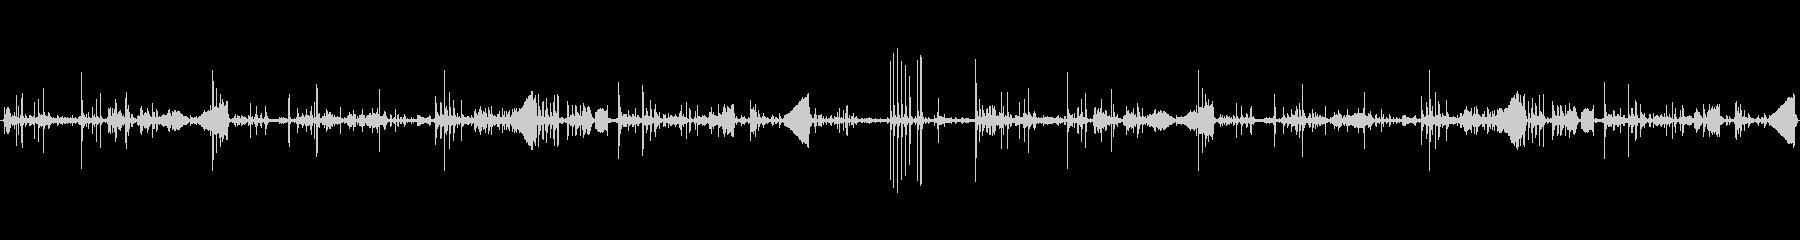 ヘン、ドリンクヘン、バード; DI...の未再生の波形